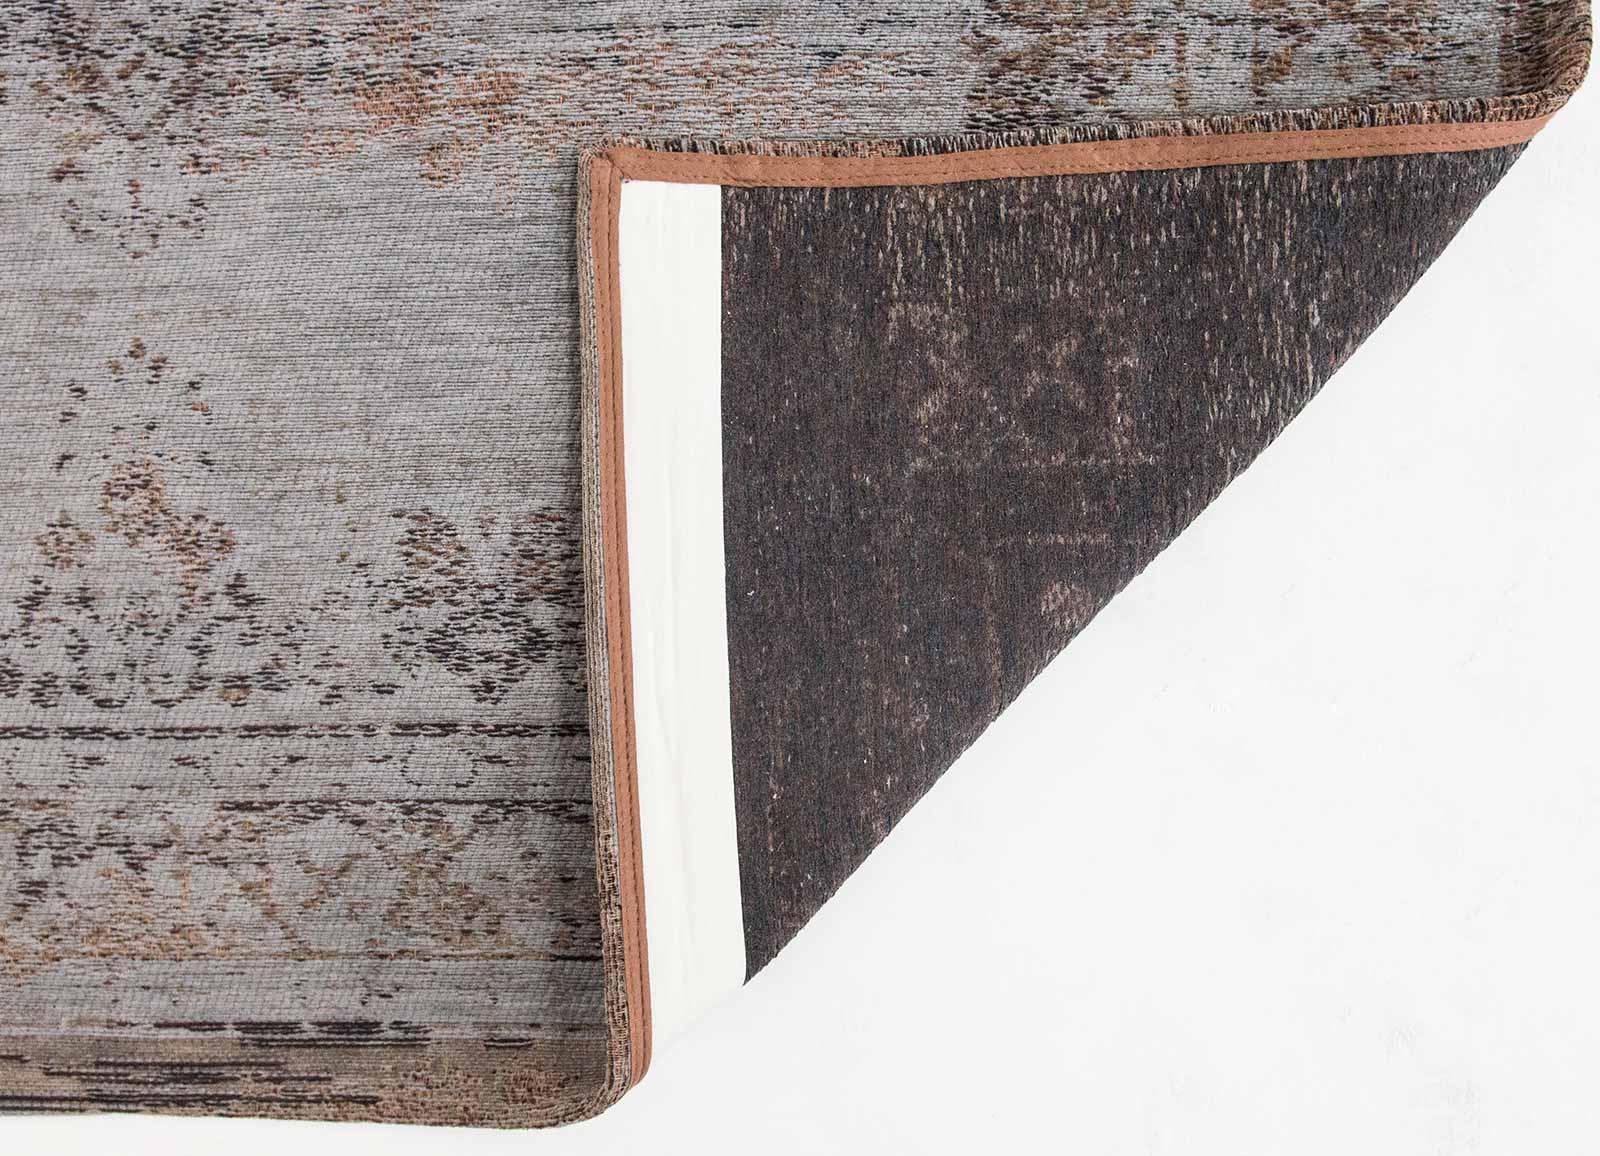 teppich Louis De Poortere LX 8257 Fading World Medaillon Grey Ebony back